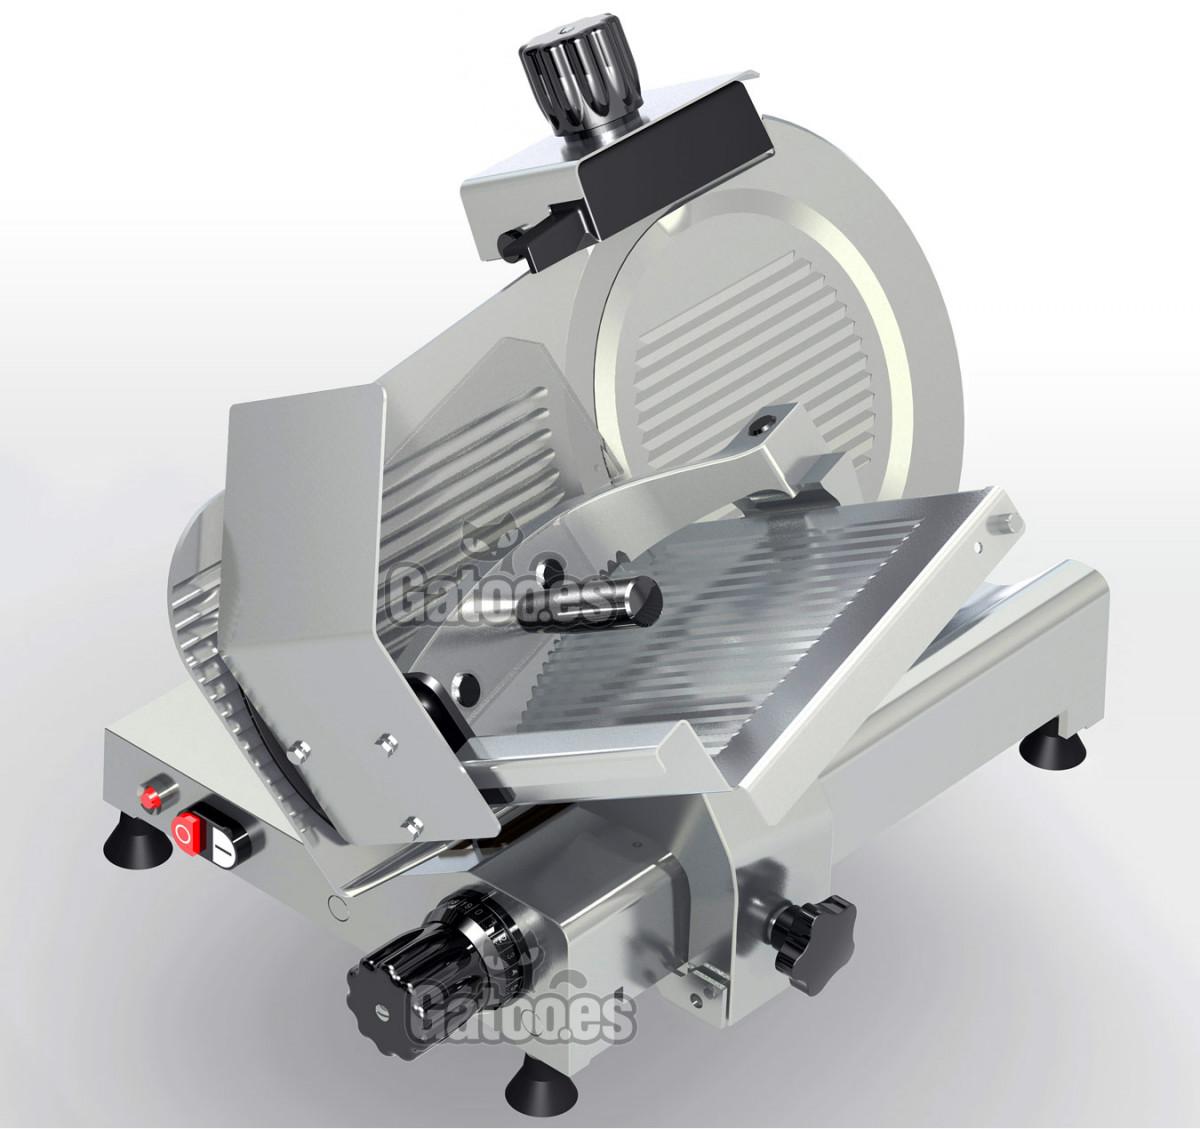 Cortafiambres Profesional BRAHER USA-350 de 350 mm.